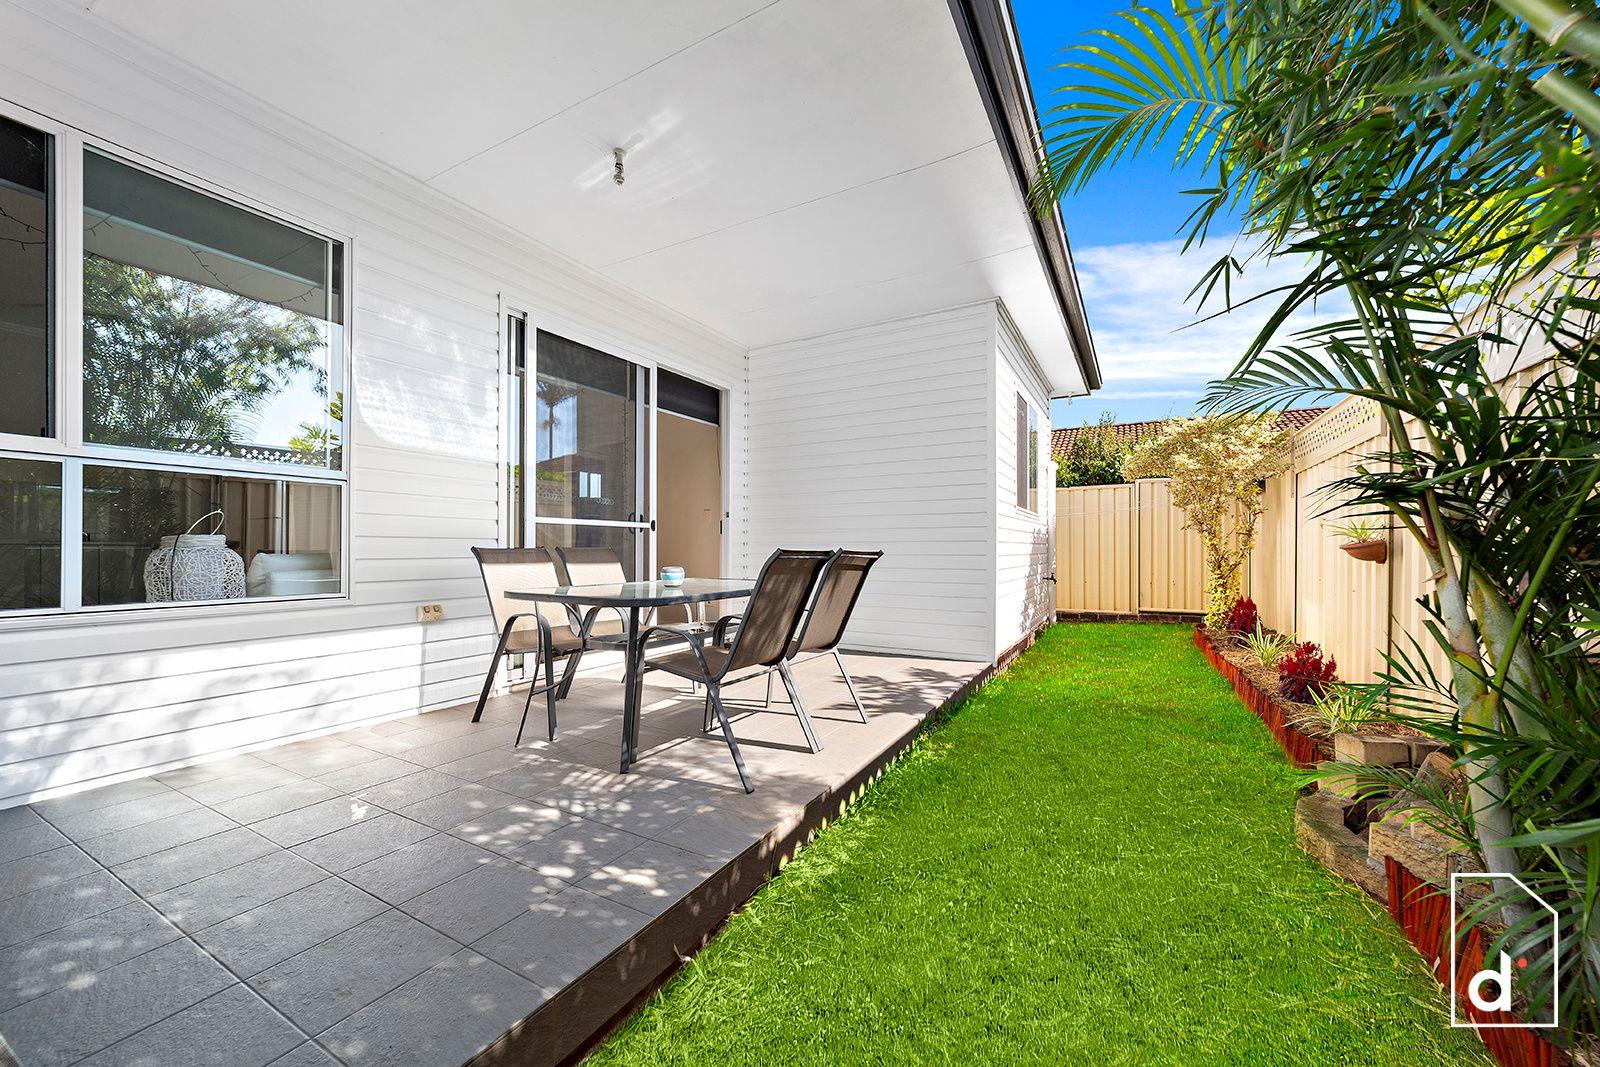 2/10 Coolgardie Street, East Corrimal NSW 2518, Image 0